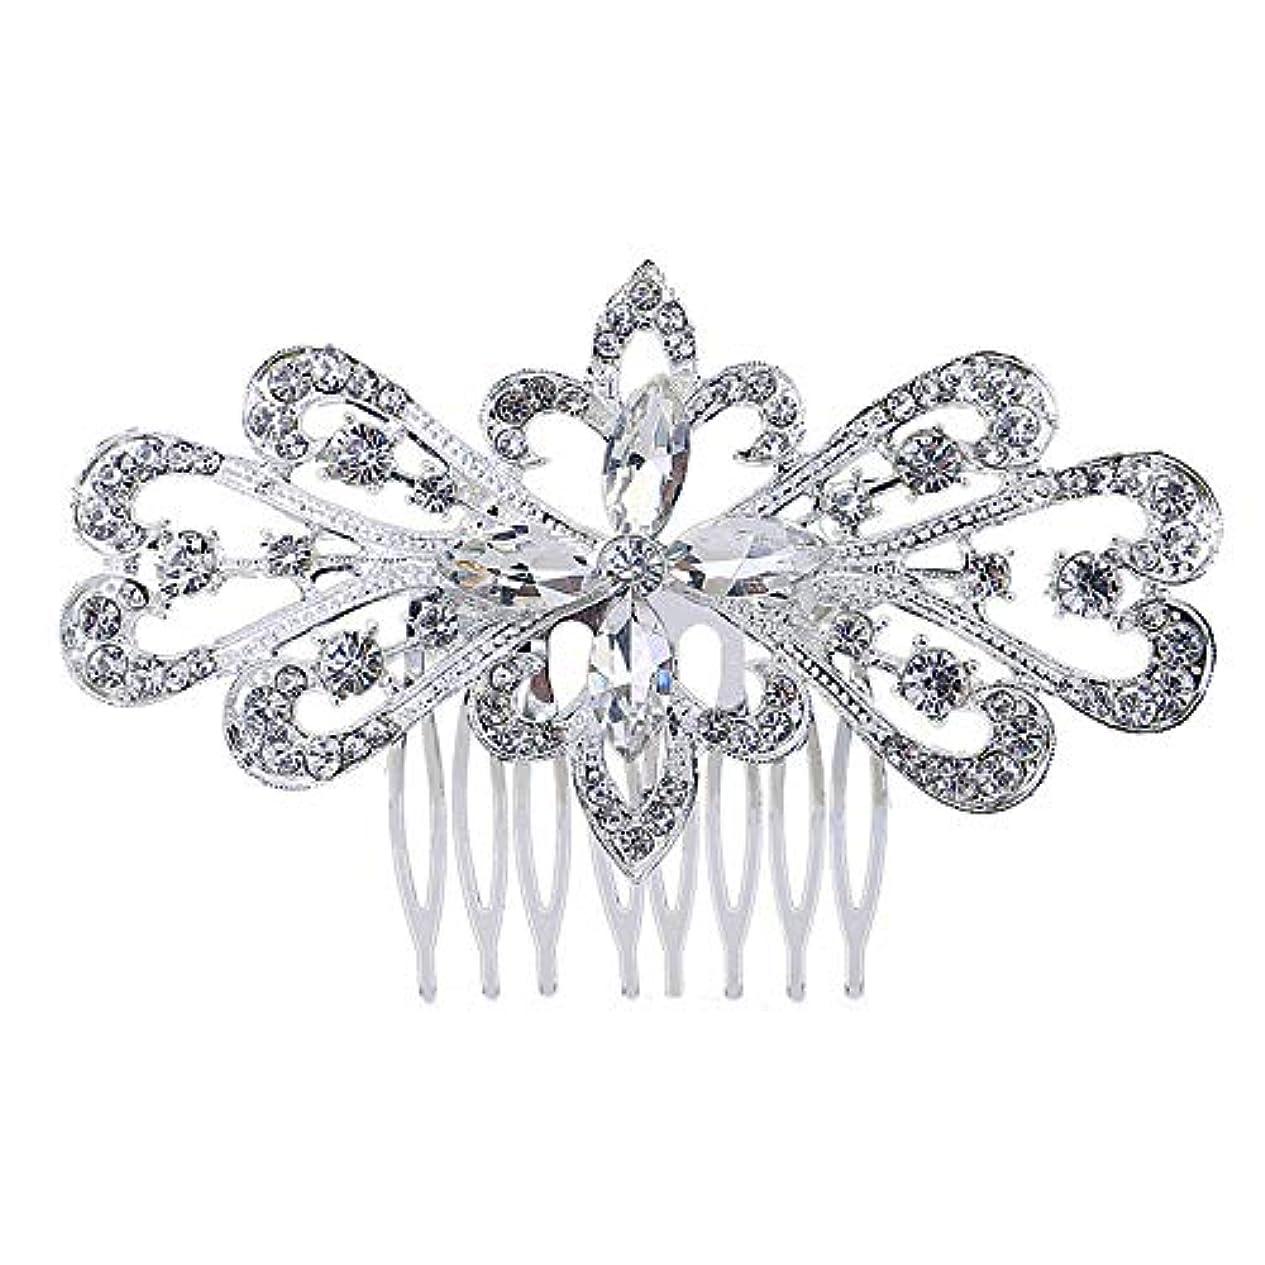 化学者銛ギャラントリー髪の櫛の櫛の櫛の花嫁の髪の櫛の花の髪の櫛のラインストーンの挿入物の櫛の合金の帽子の結婚式のアクセサリー